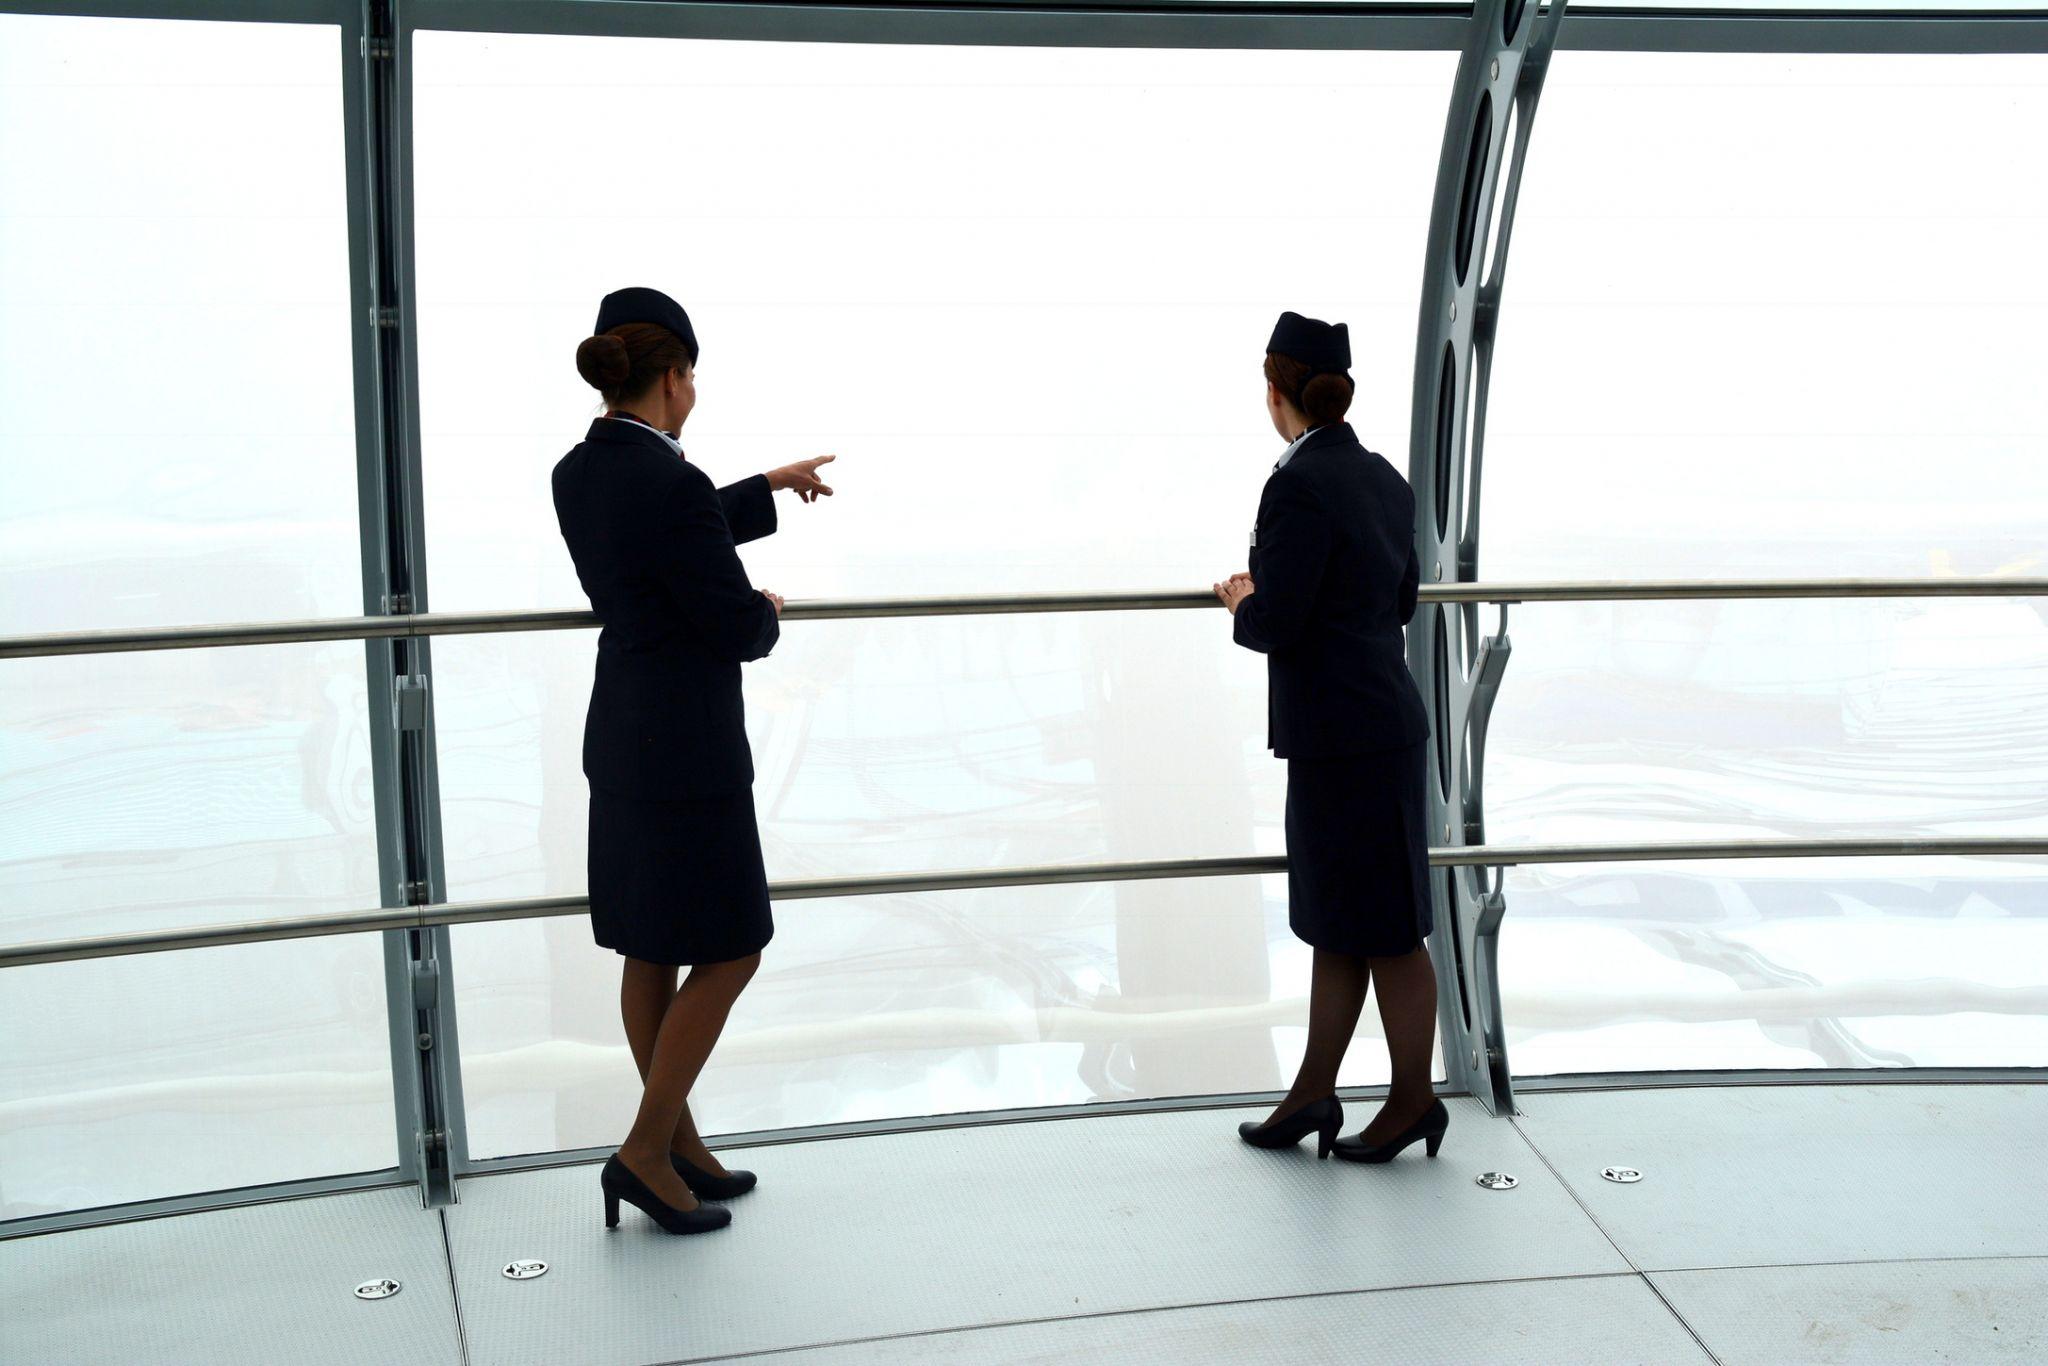 BA i360 - Flight Attendants